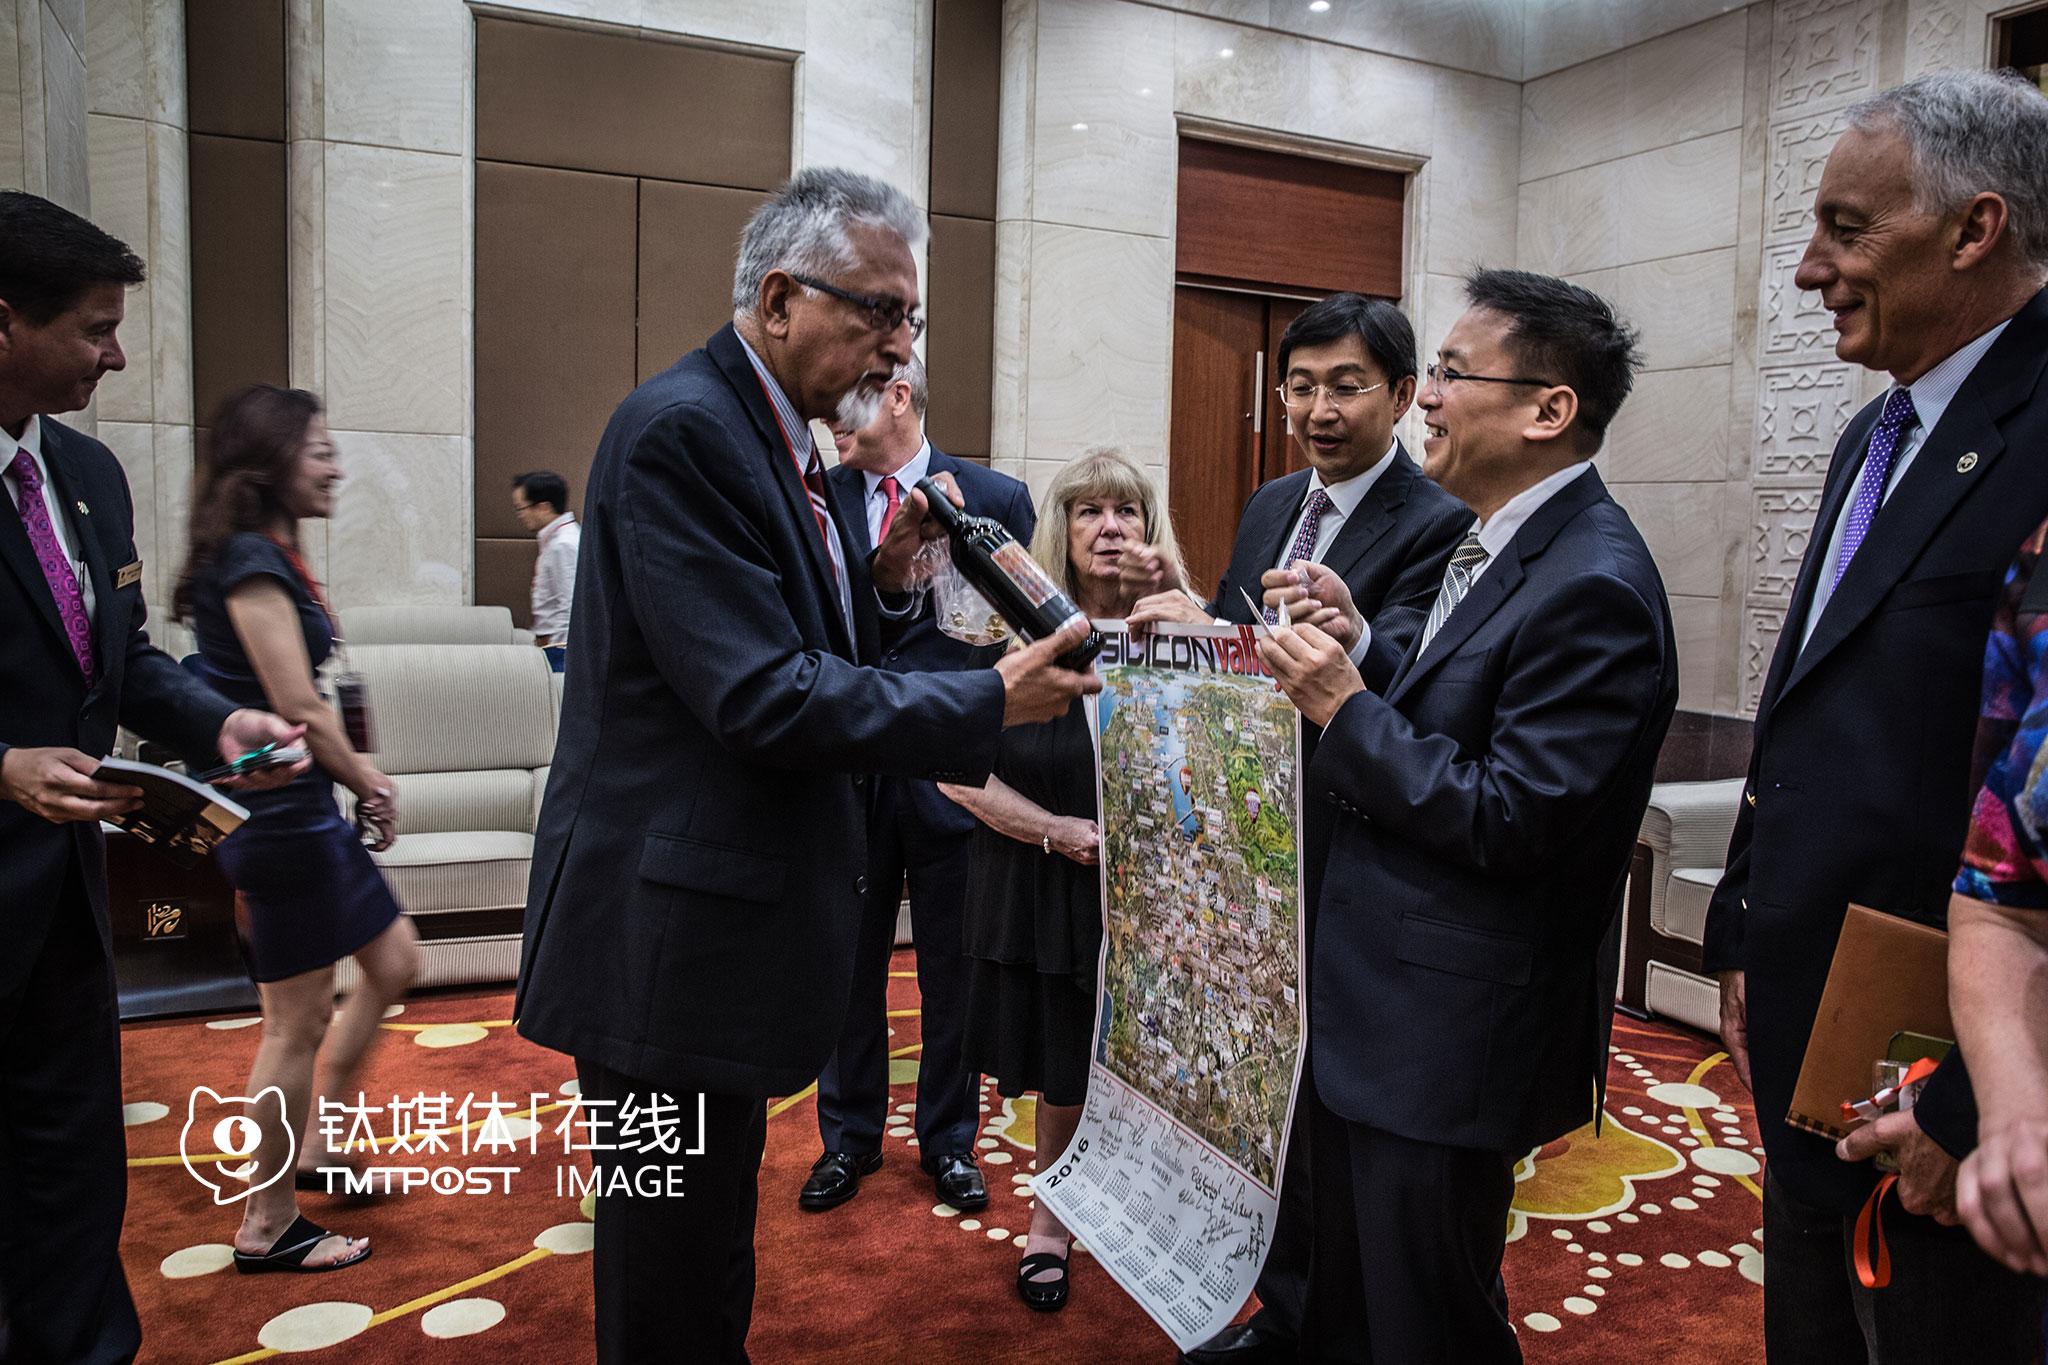 重庆VR峰会,会议开始前,时任渝北区区委书记的沐华平会见了市长代表团,会见结束后,硅谷市长们向中方赠送了礼物:城市市徽胸针、小纪念品,还有人从美国带来红酒。